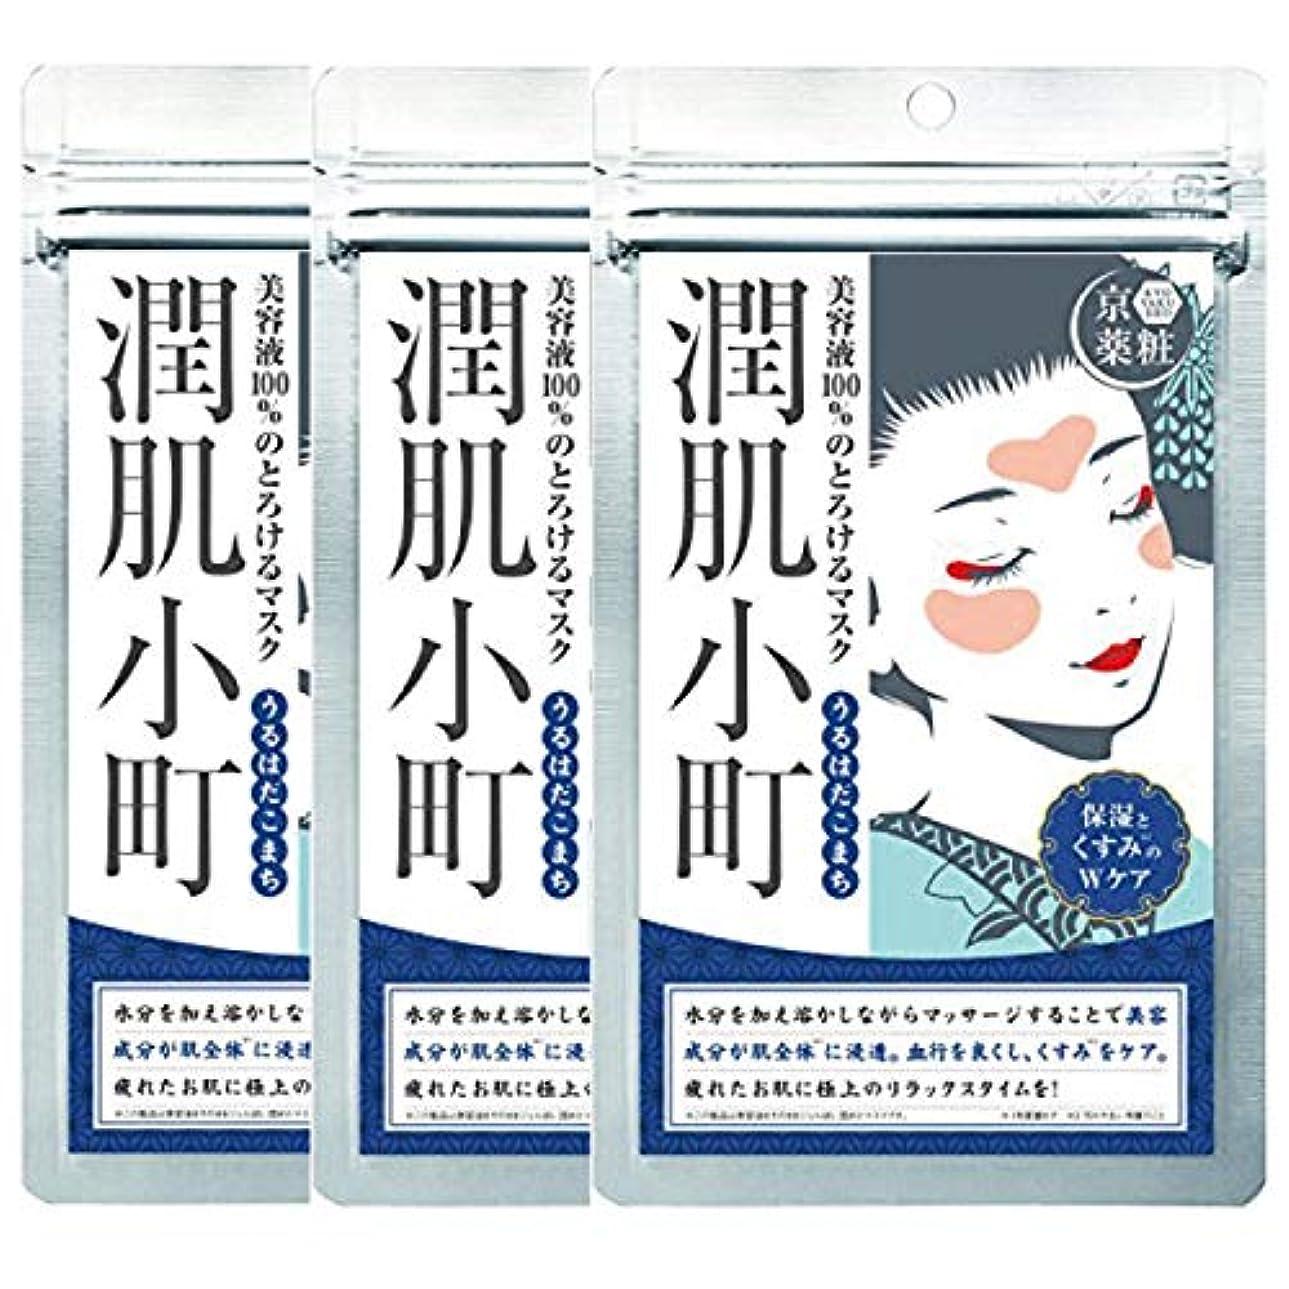 彫る自分のポーク京薬粧 潤肌小町 潤いマスク ×3セット